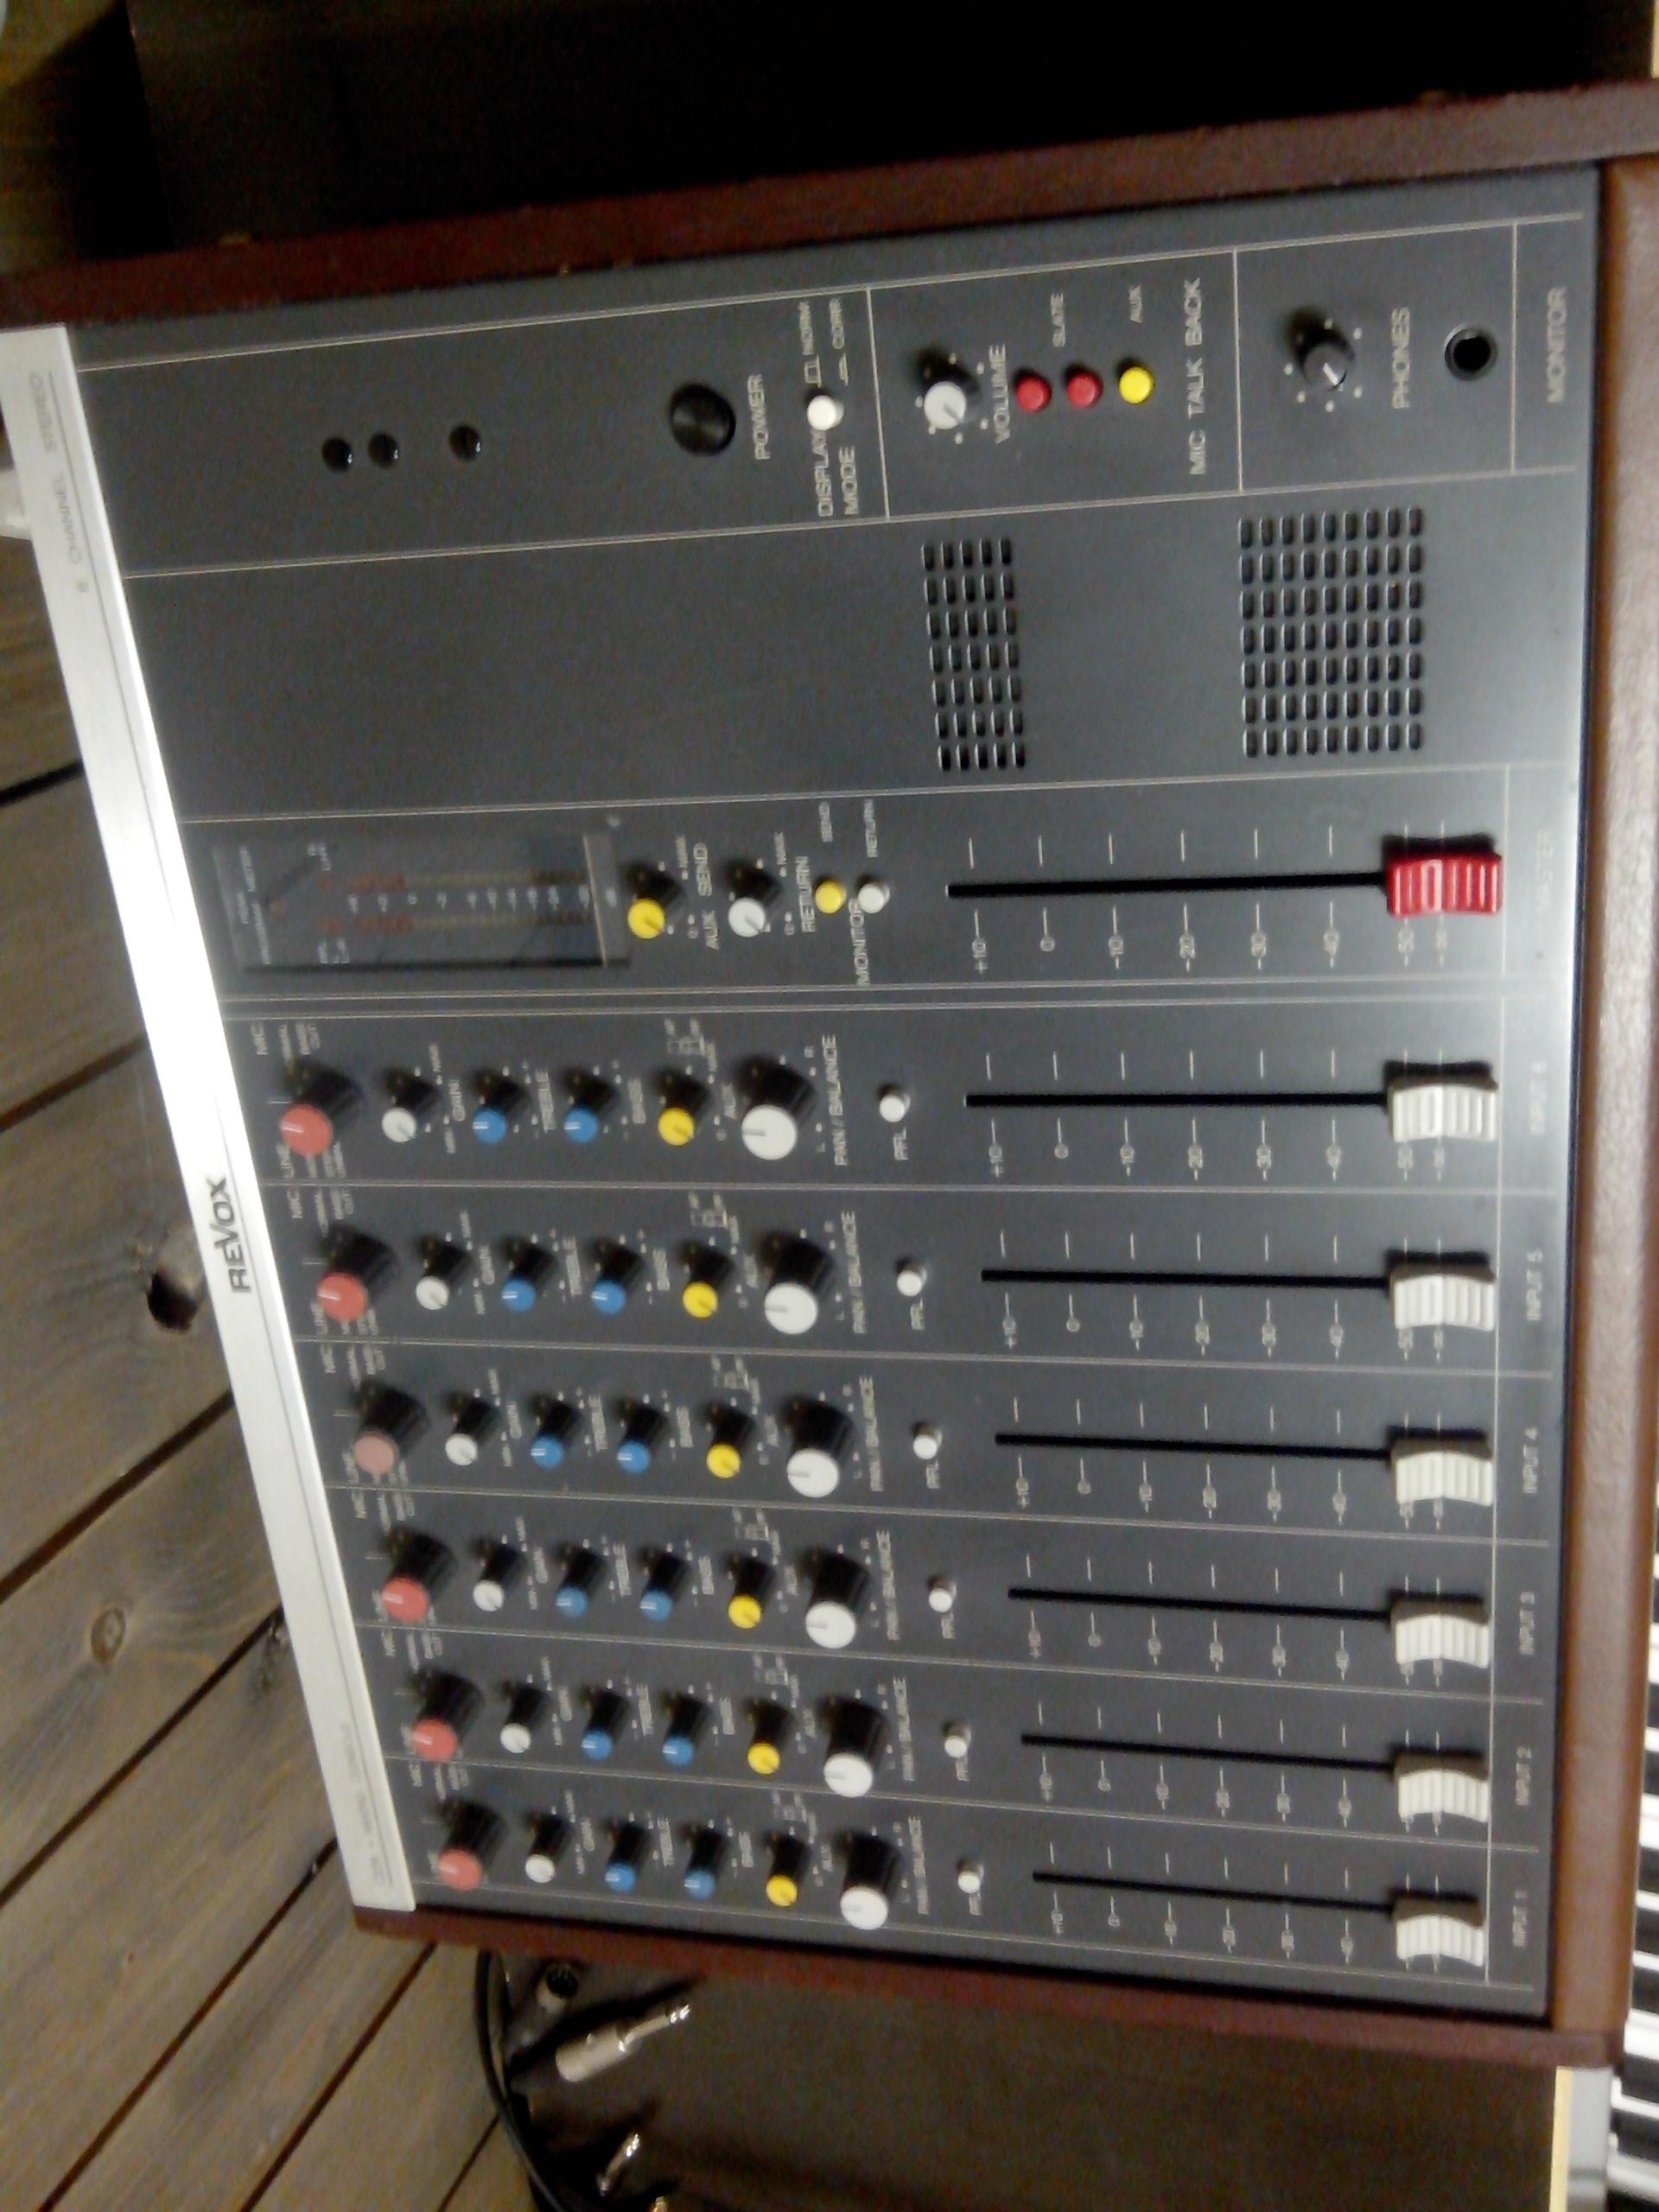 Photo revox c279 revox c279 96309 1772030 audiofanzine - Console analogique occasion ...